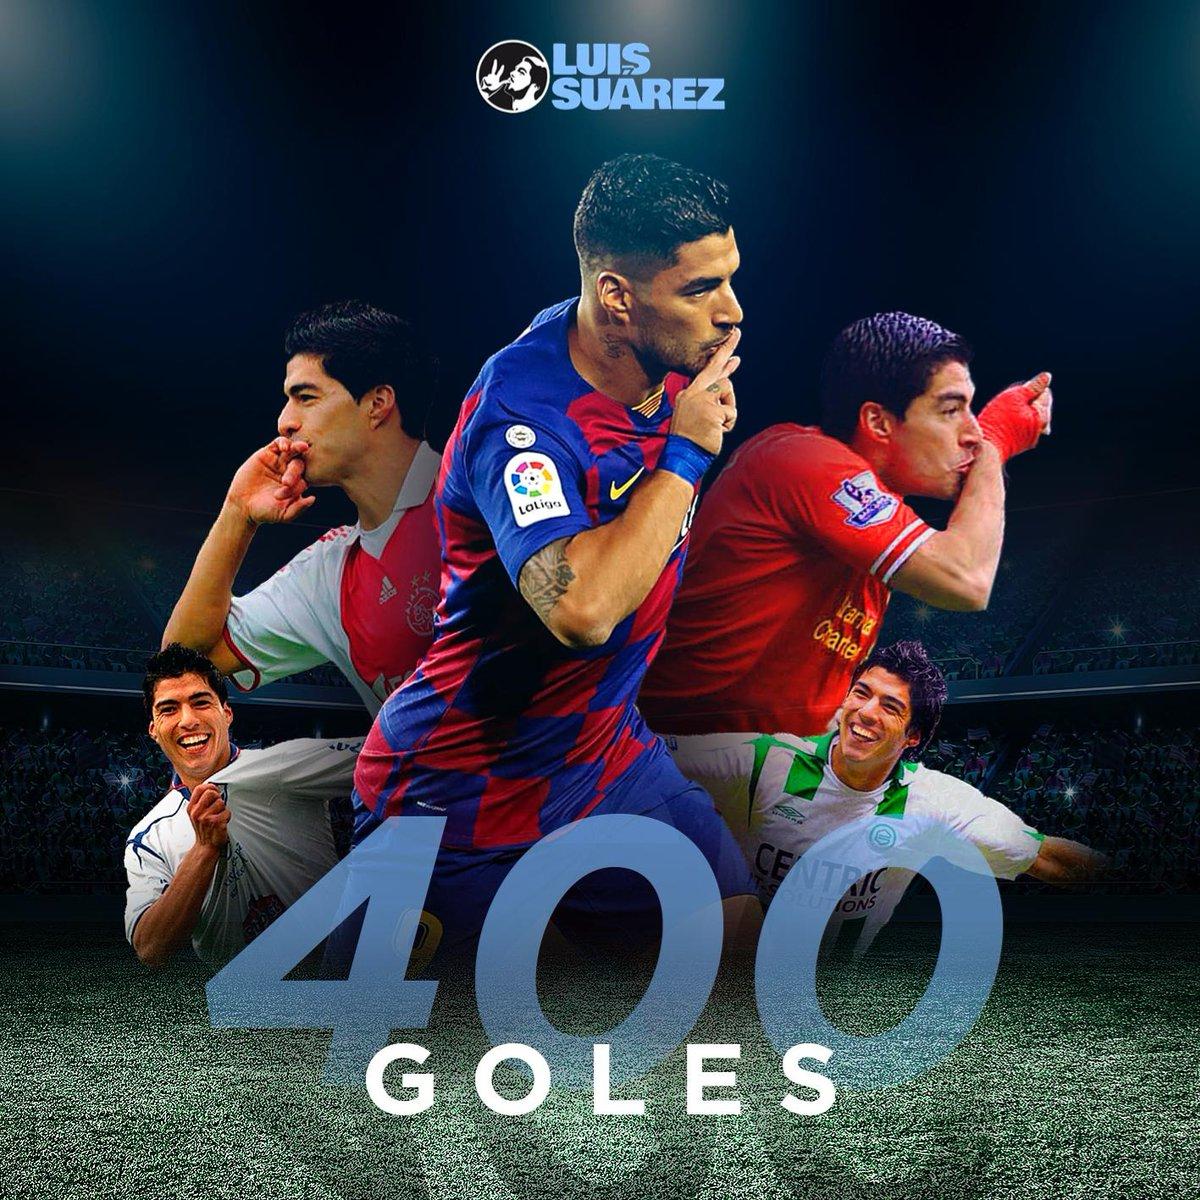 苏亚雷斯发定制海报:很高兴能取得俱乐部生涯400球!